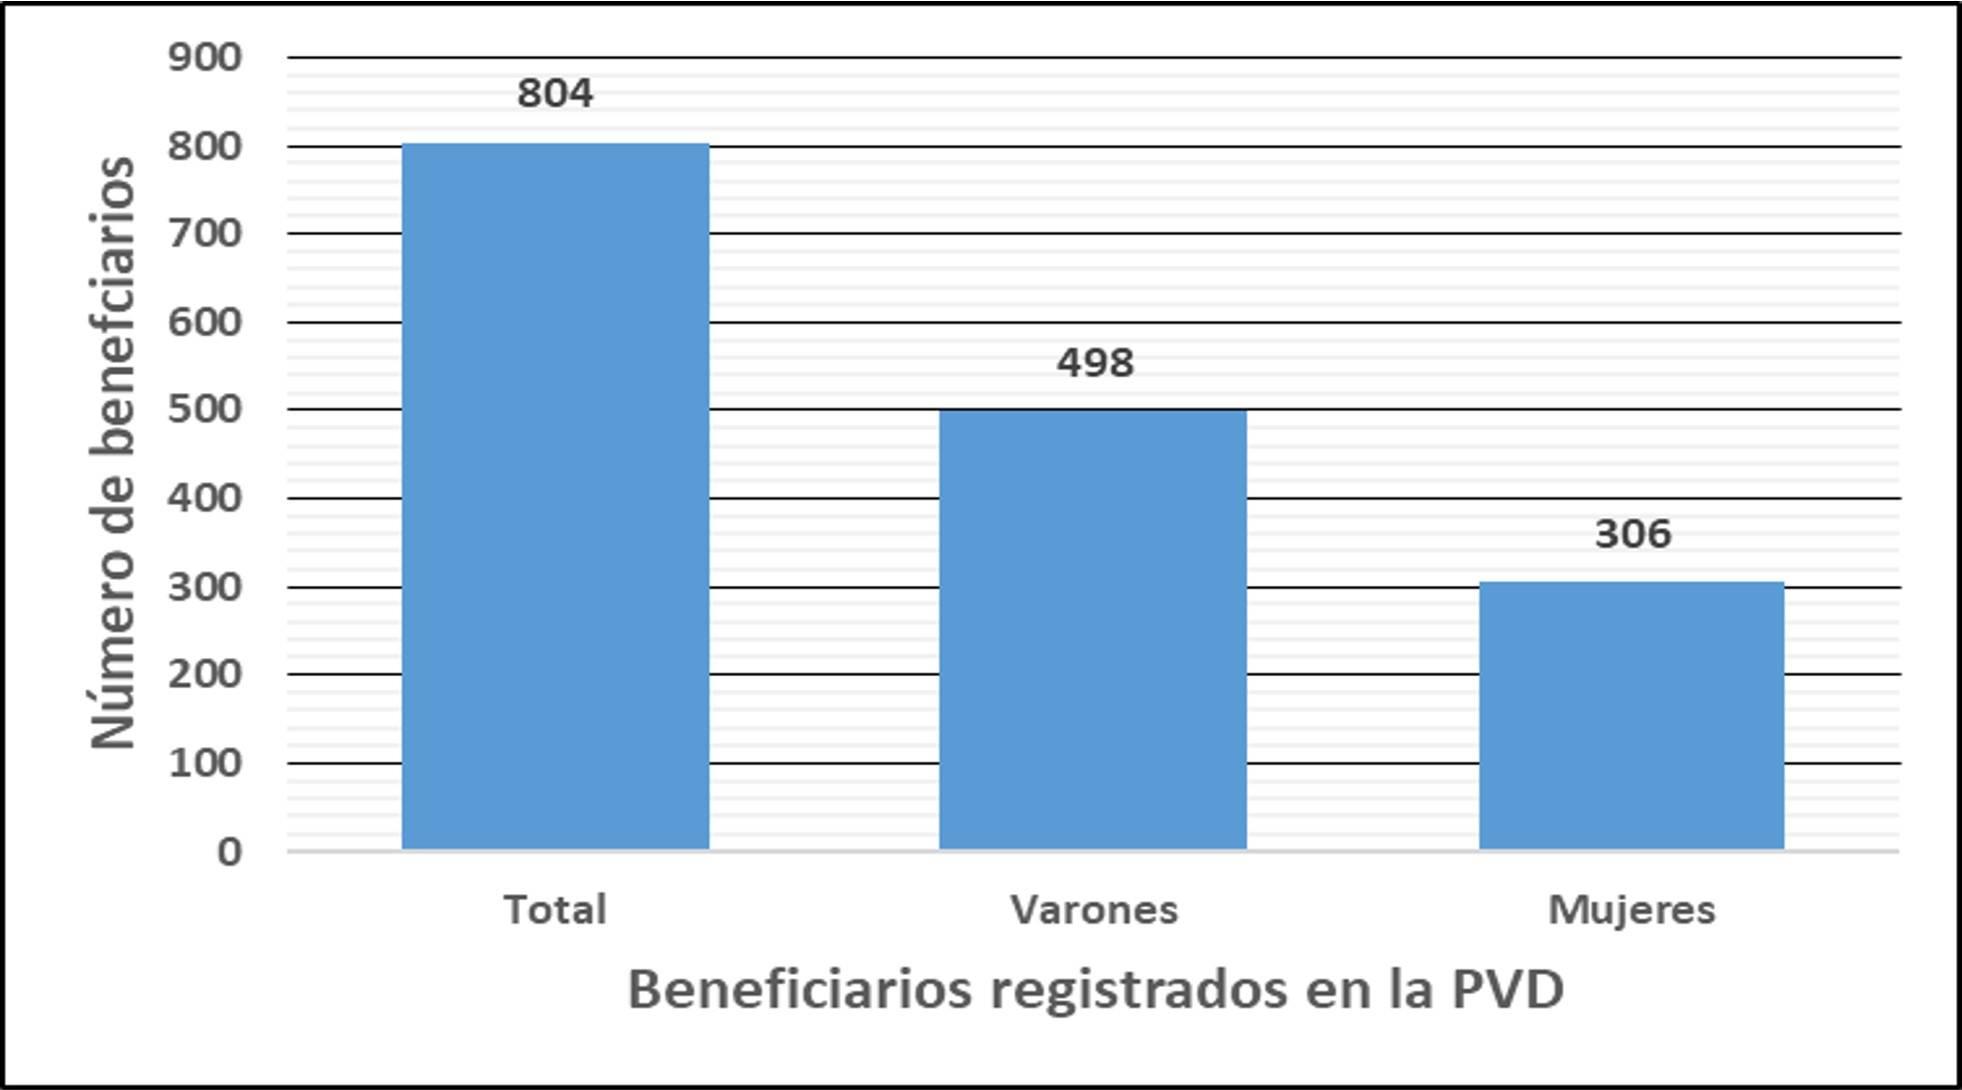 Beneficiarios registrados en la PVD